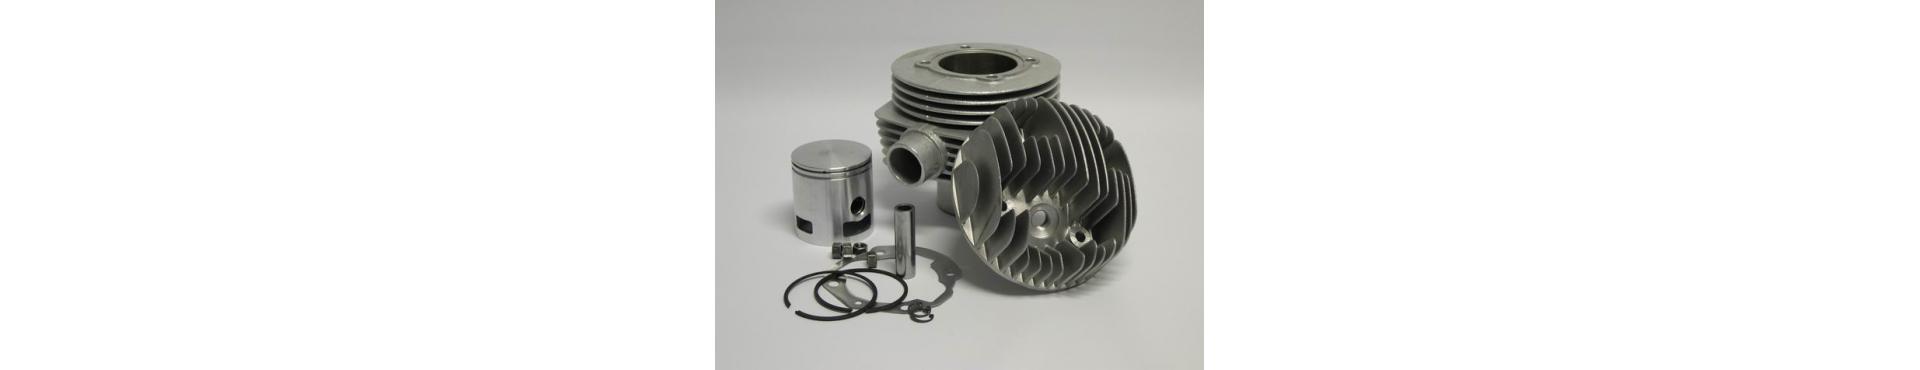 Gruppo cilindro e pistone